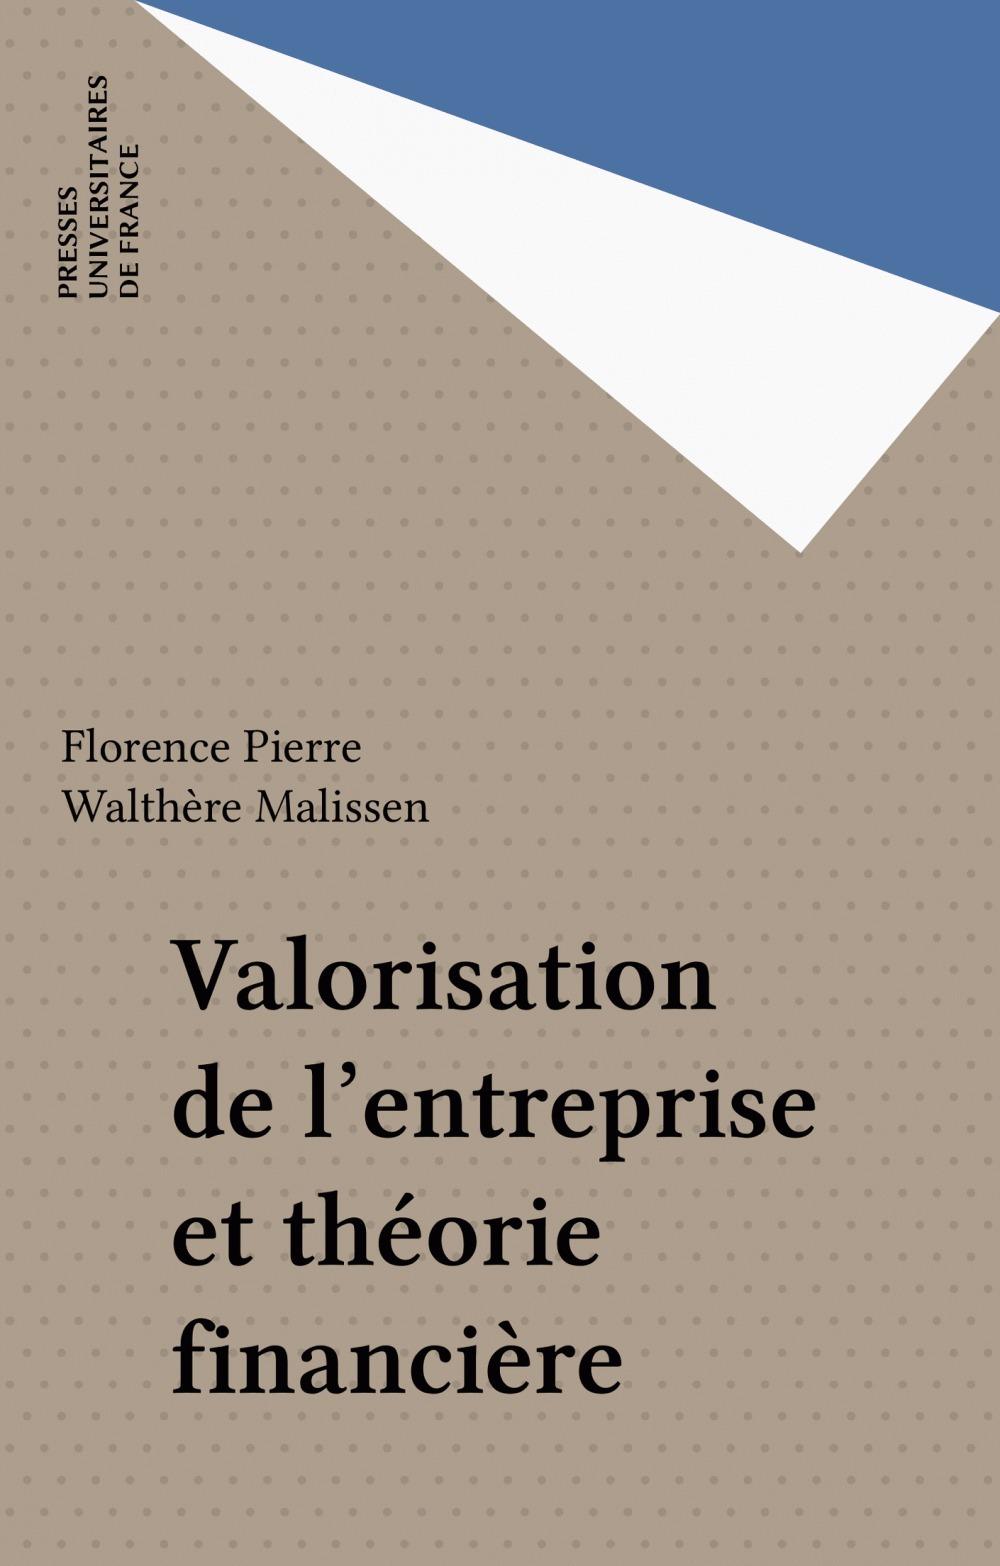 Valorisation de l'entreprise et theorie financiere